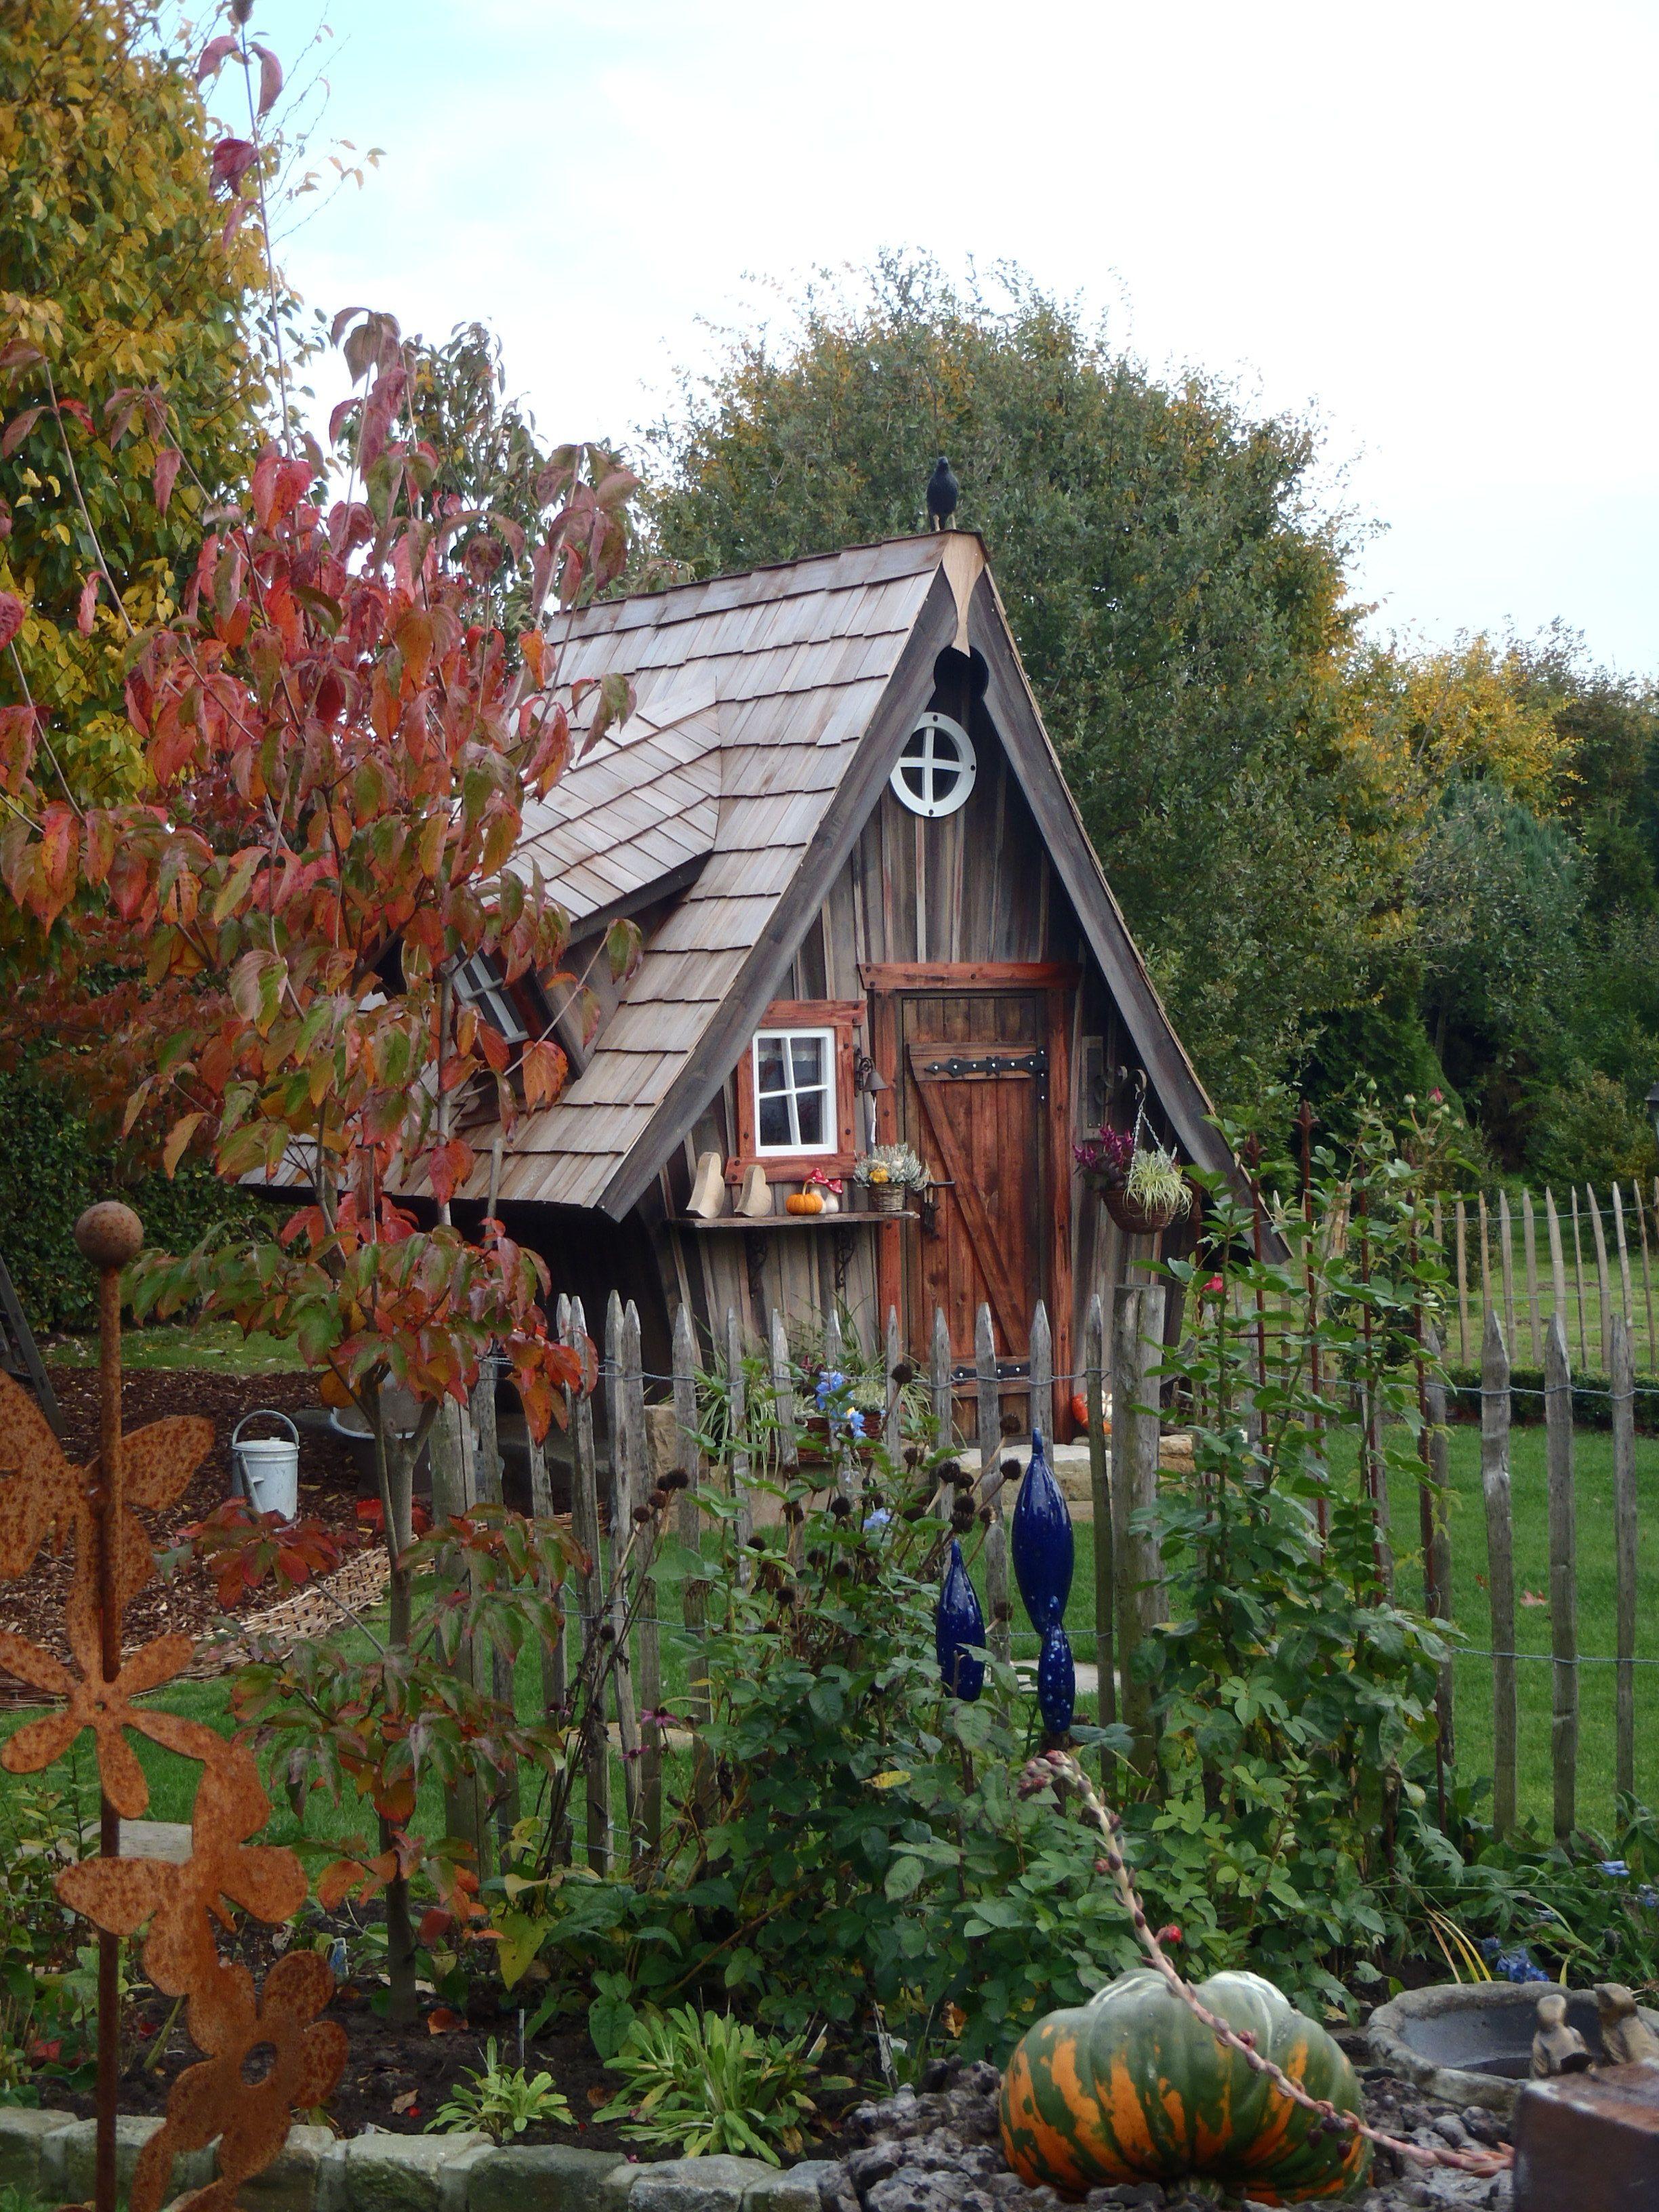 Hexenhaus zum selbst aufbauen vom Künstler Kai Schaede